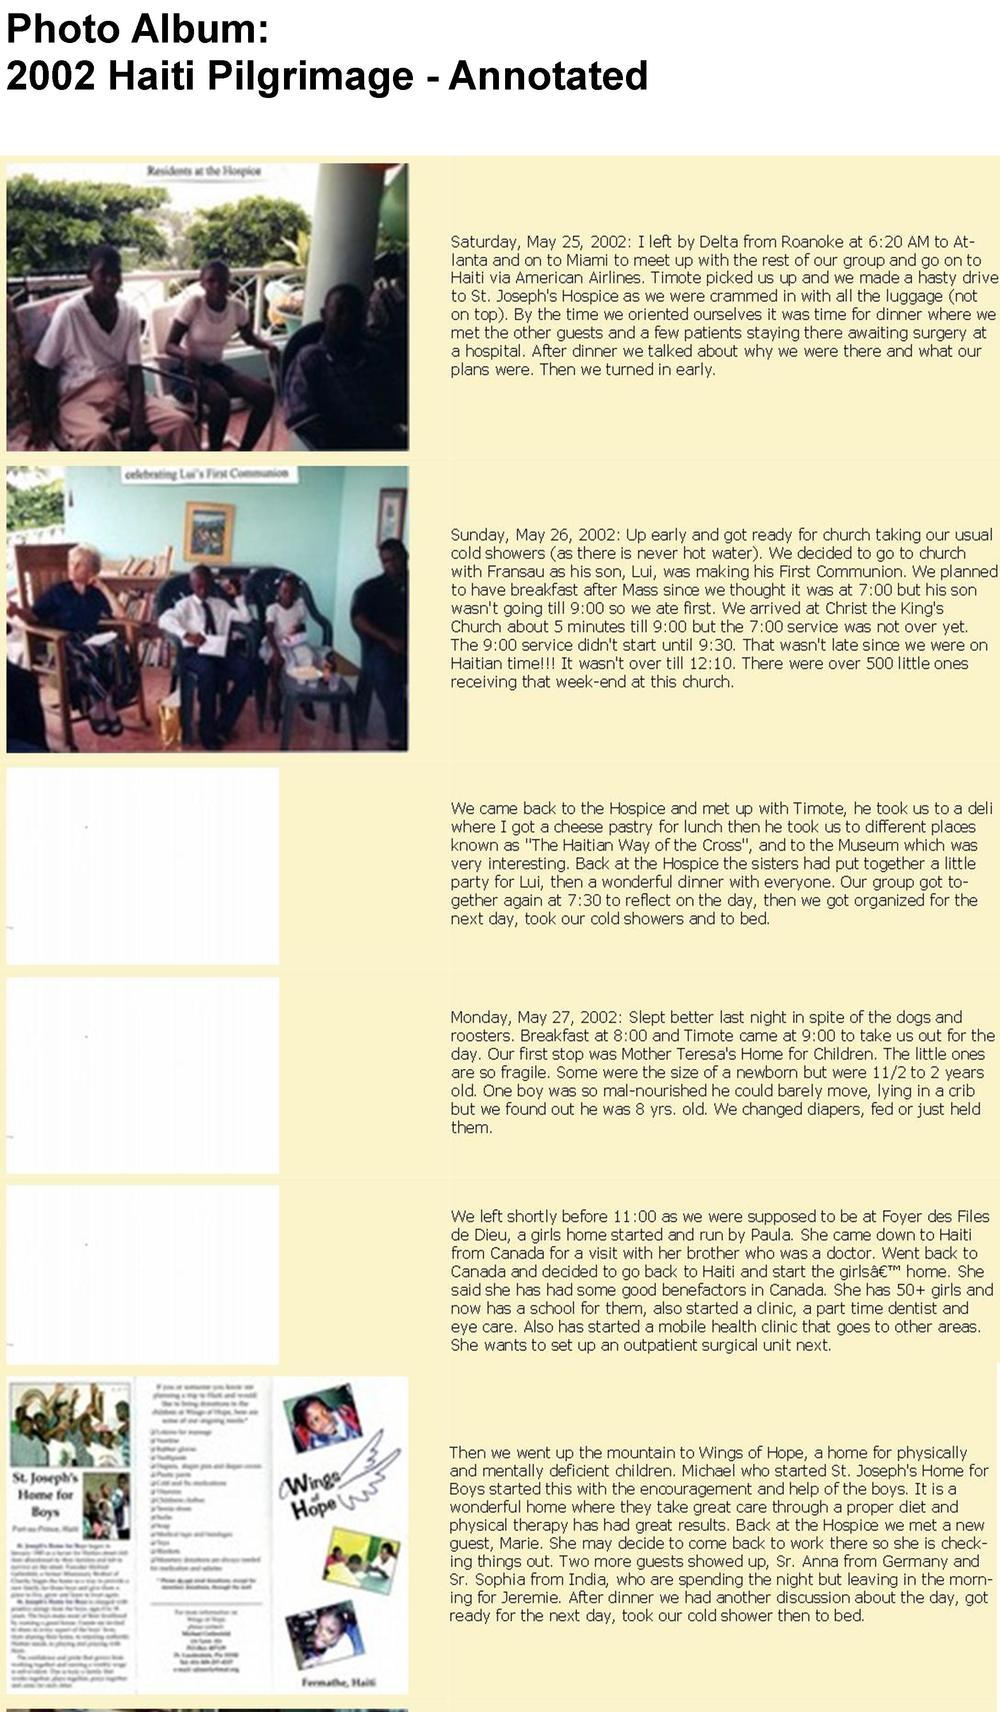 2002 Annotated Photo AlbumP1.jpg